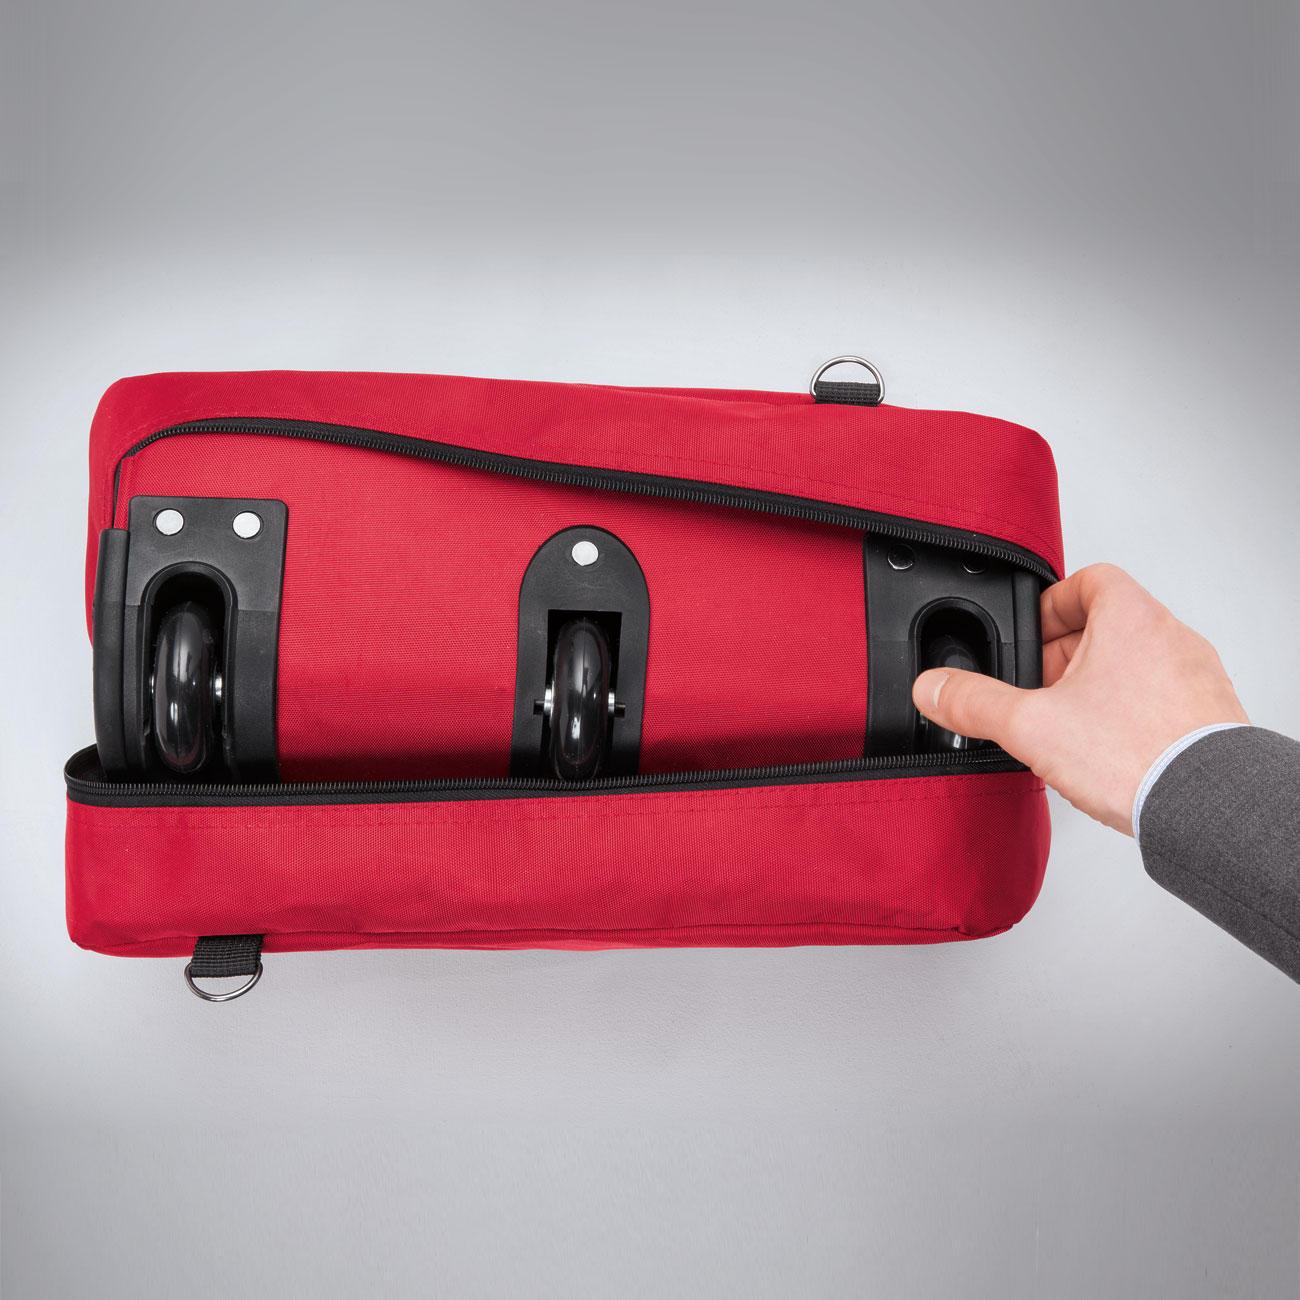 ultraleichte xxl reisetasche mit 3 jahren garantie. Black Bedroom Furniture Sets. Home Design Ideas